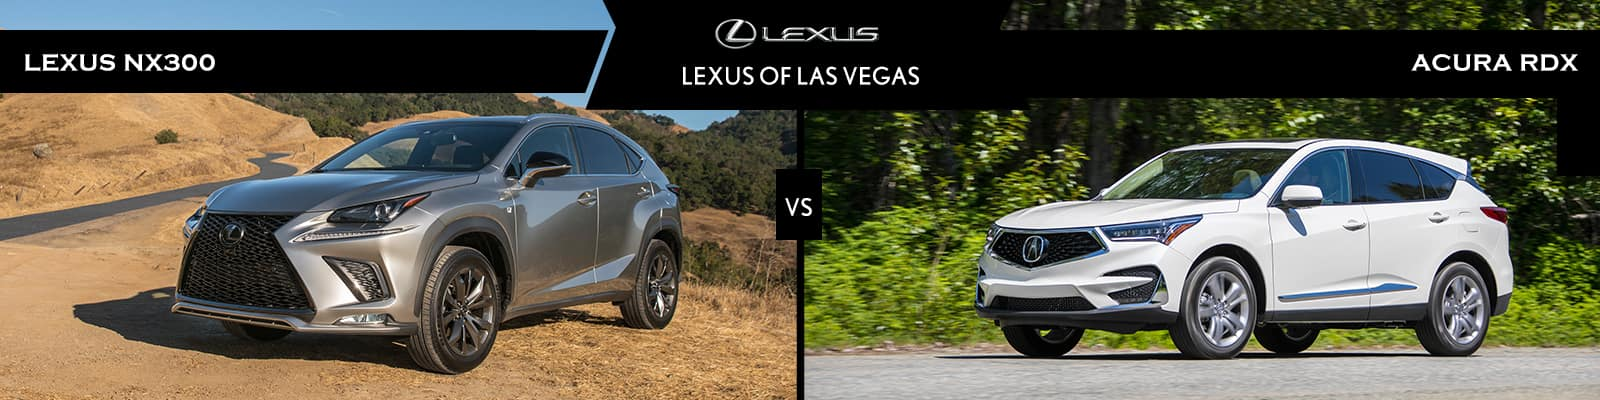 Lexus NX 300 vs Acura RDX